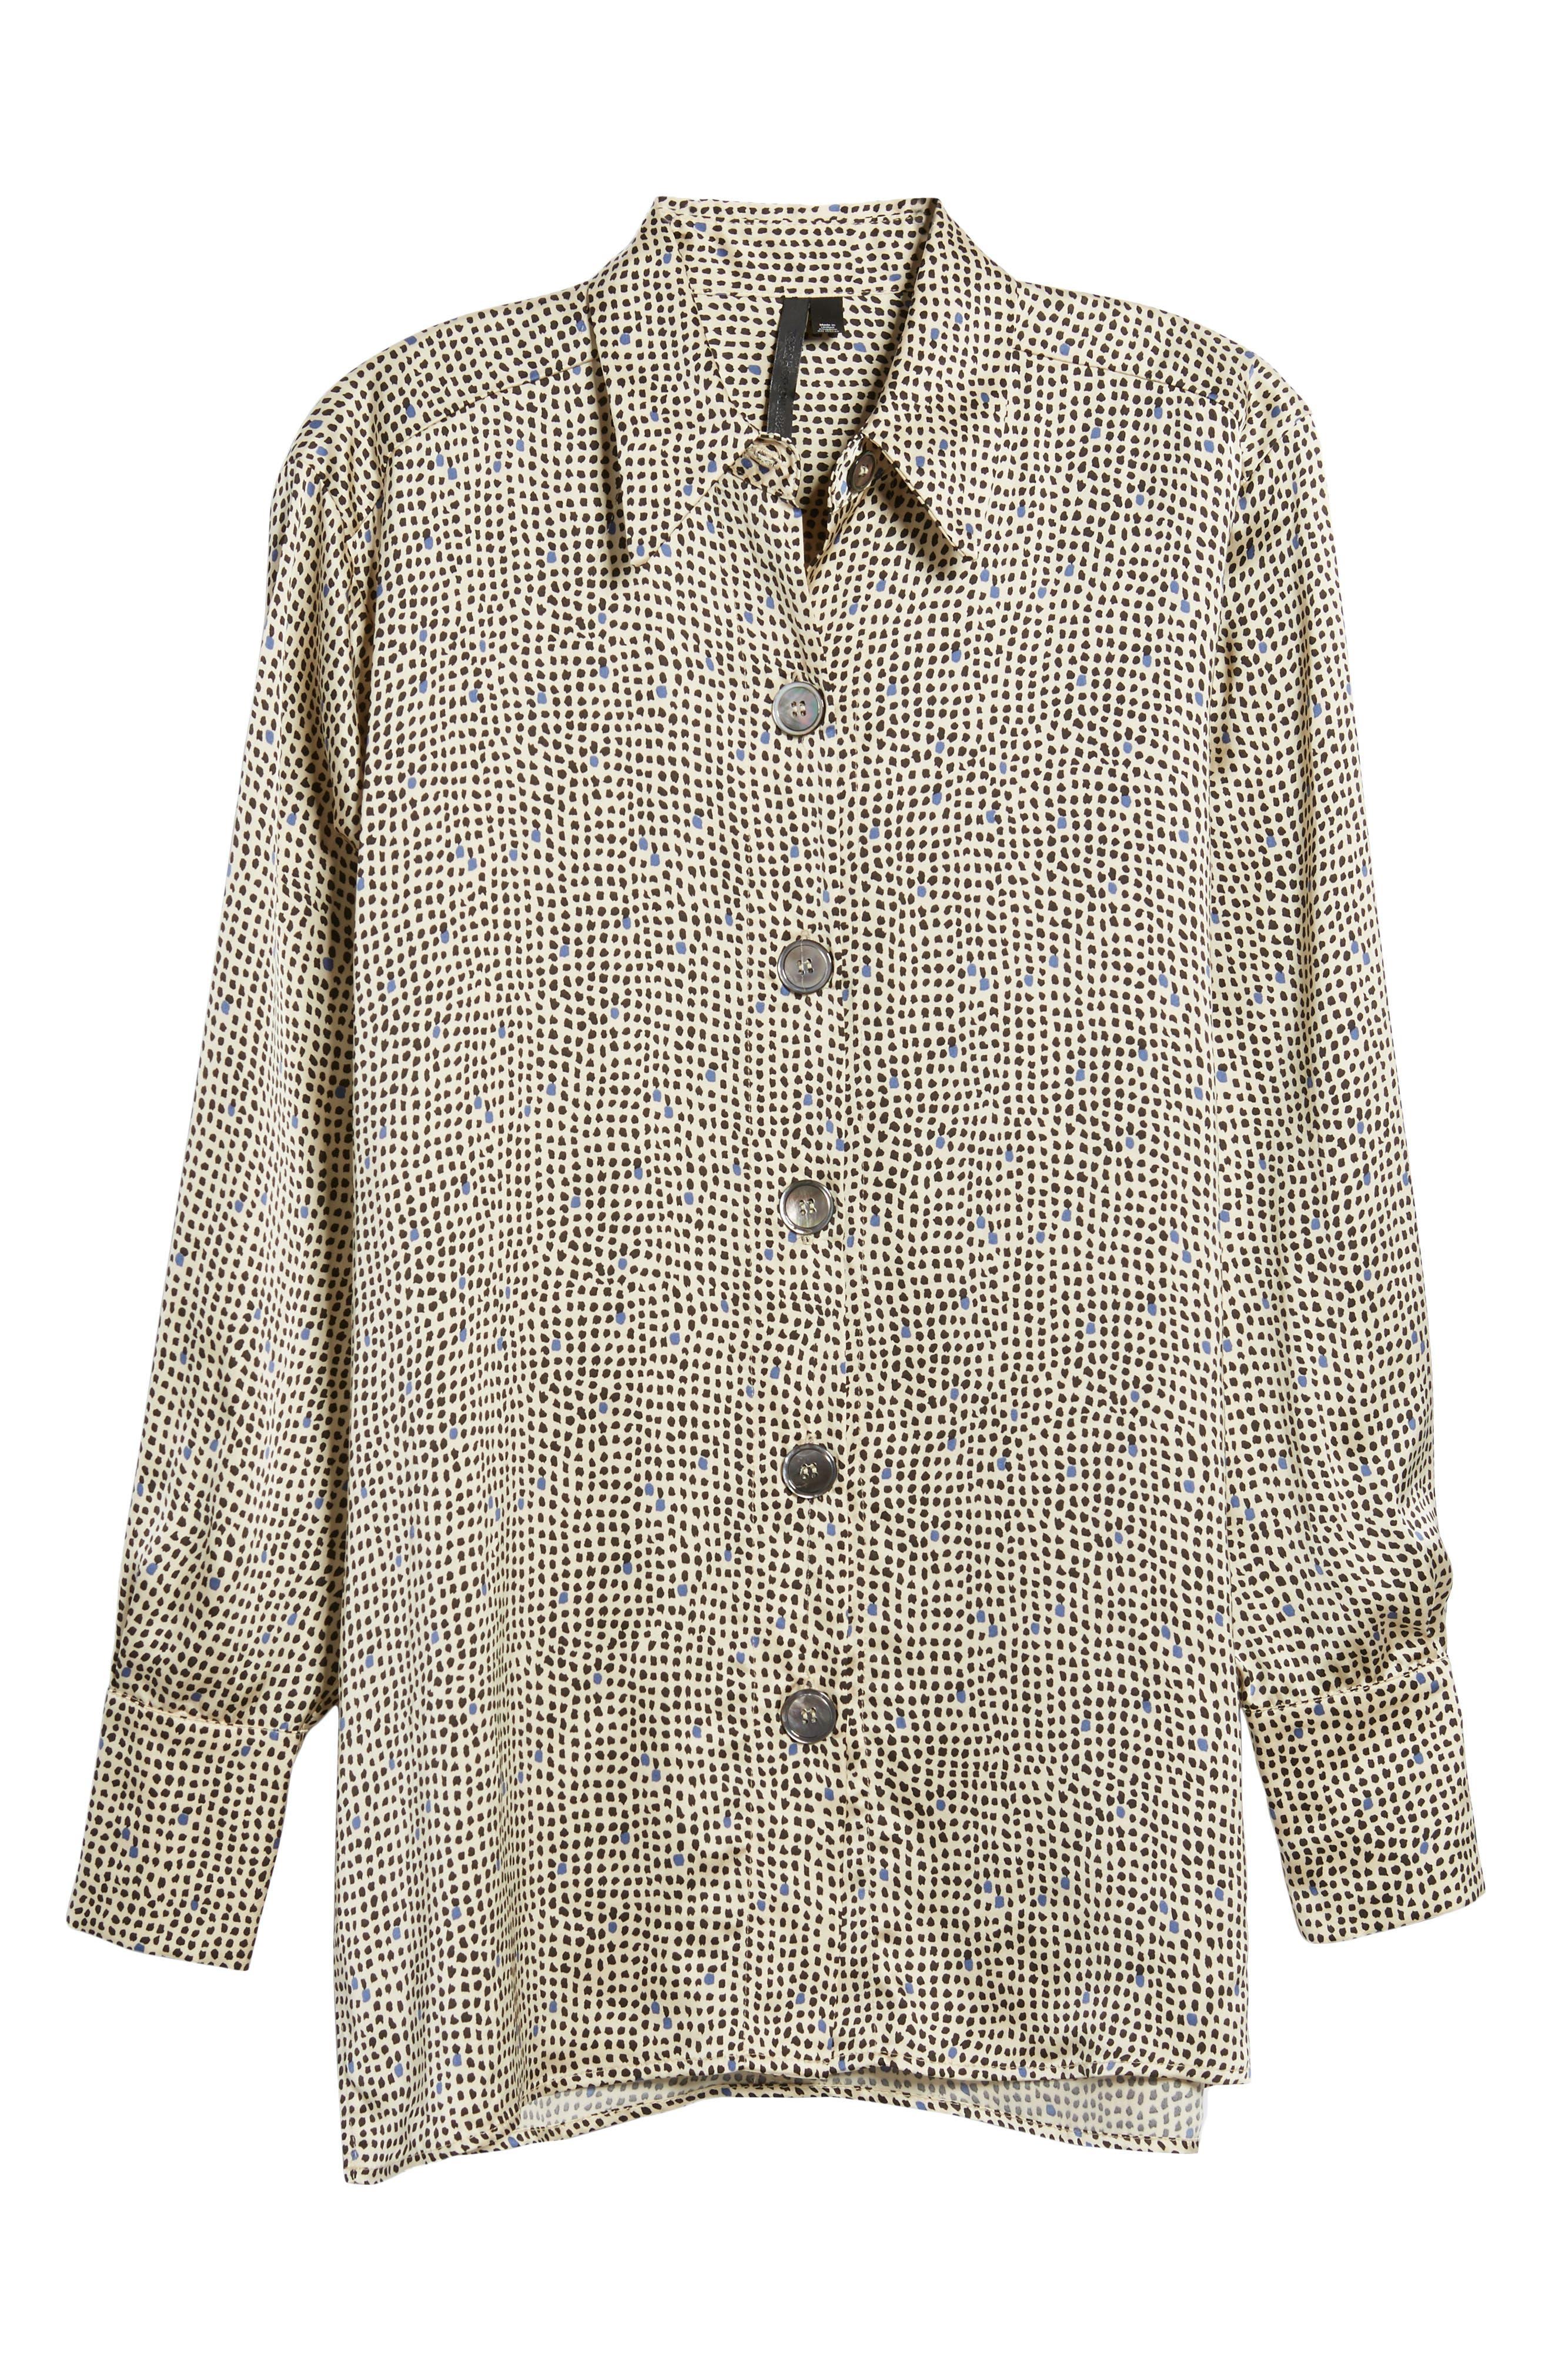 Mini Spot Shirt,                             Alternate thumbnail 6, color,                             251